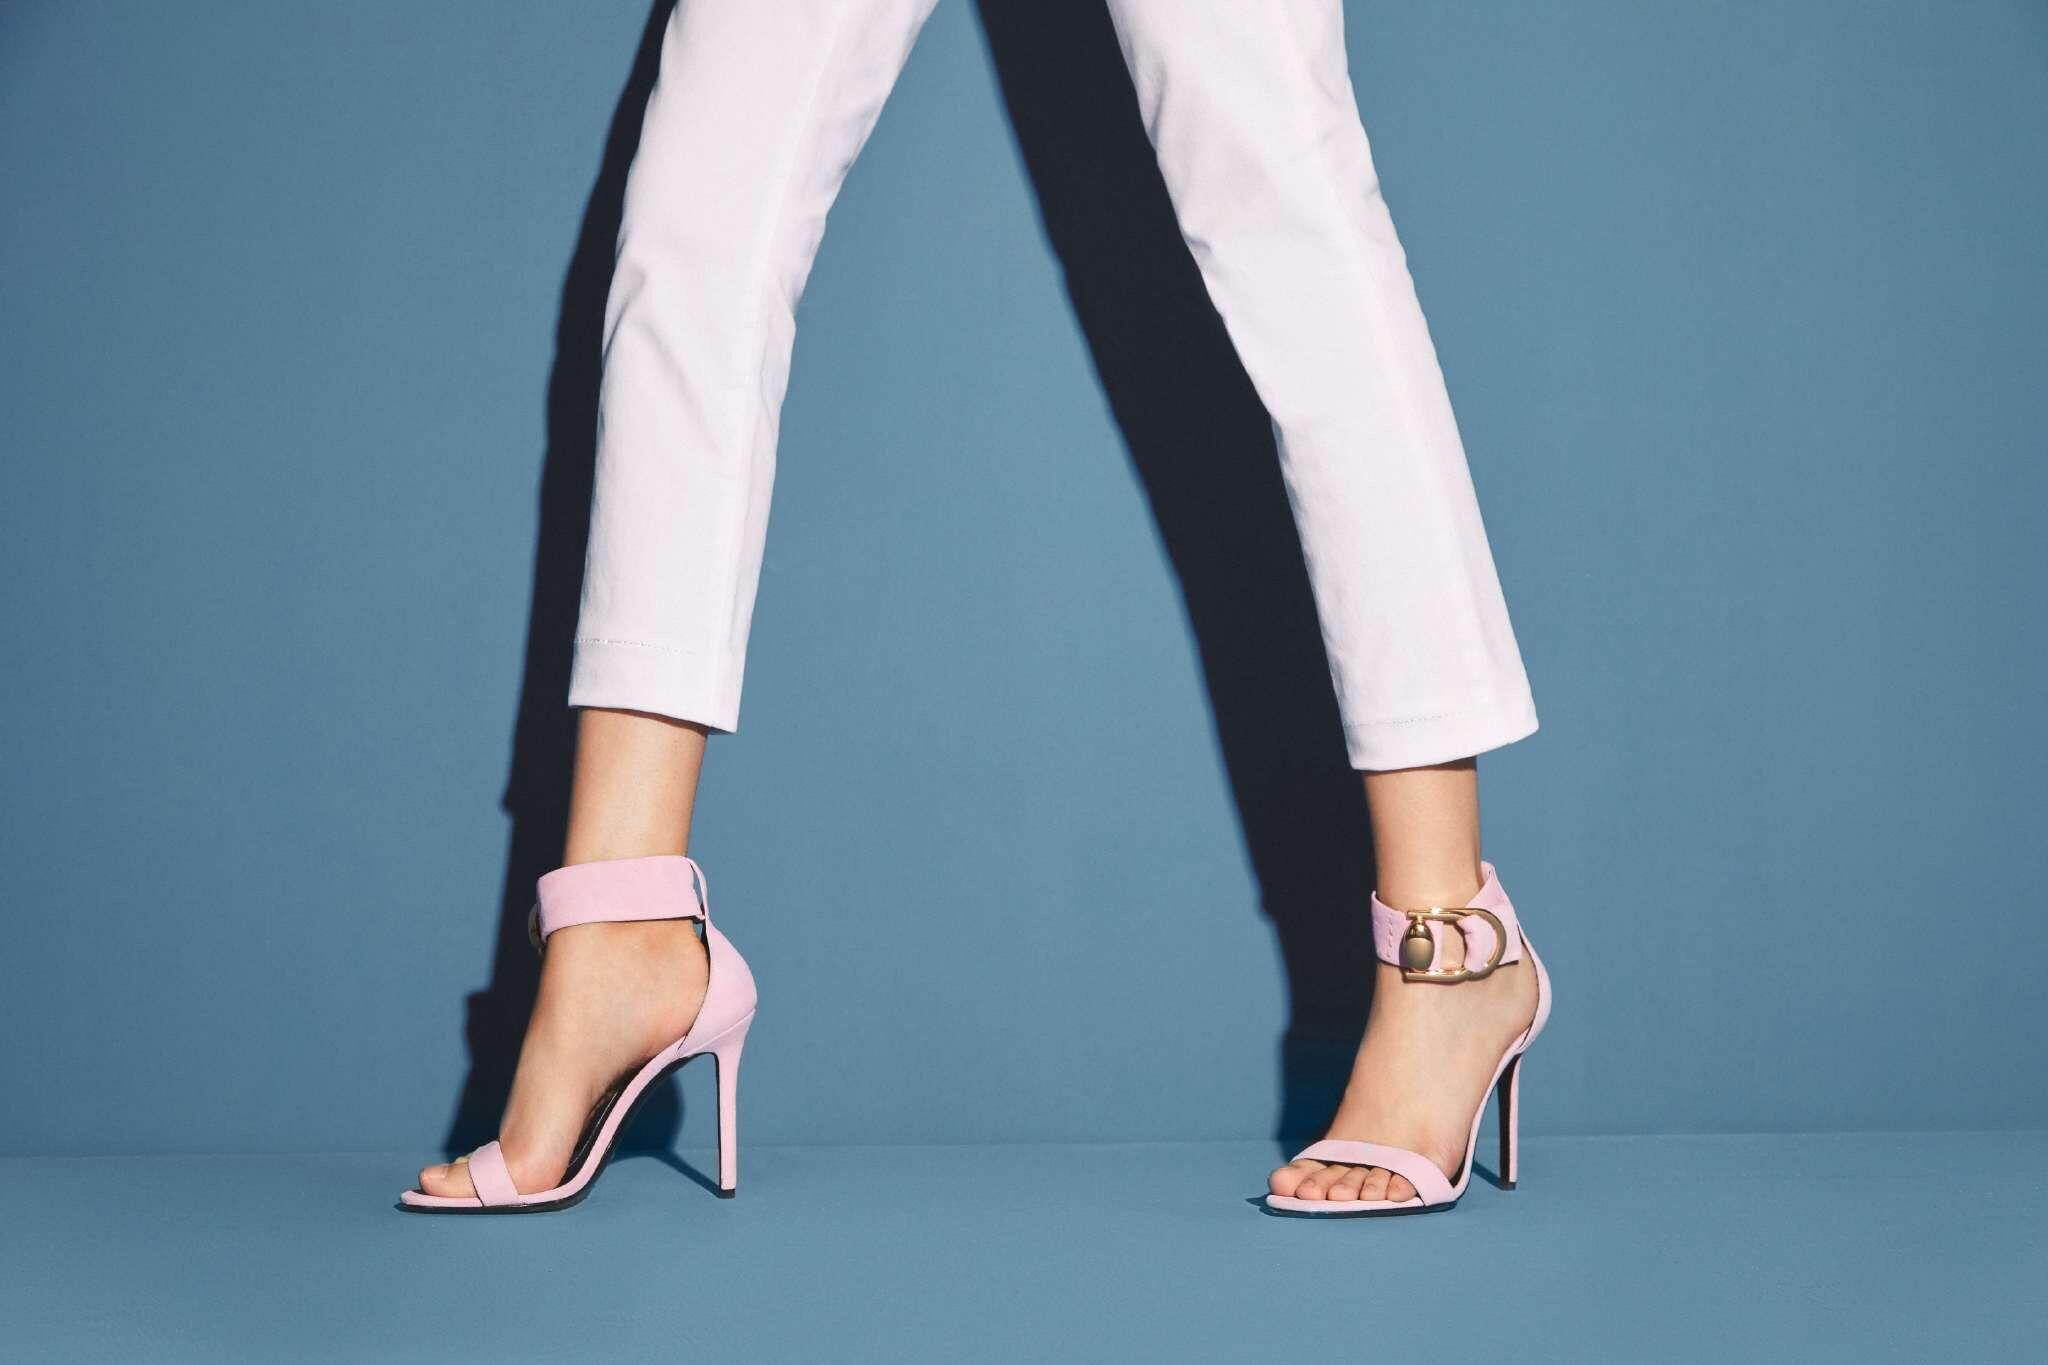 国产鞋受宠 广州鞋包品牌迪欧摩尼时尚创新更靓丽